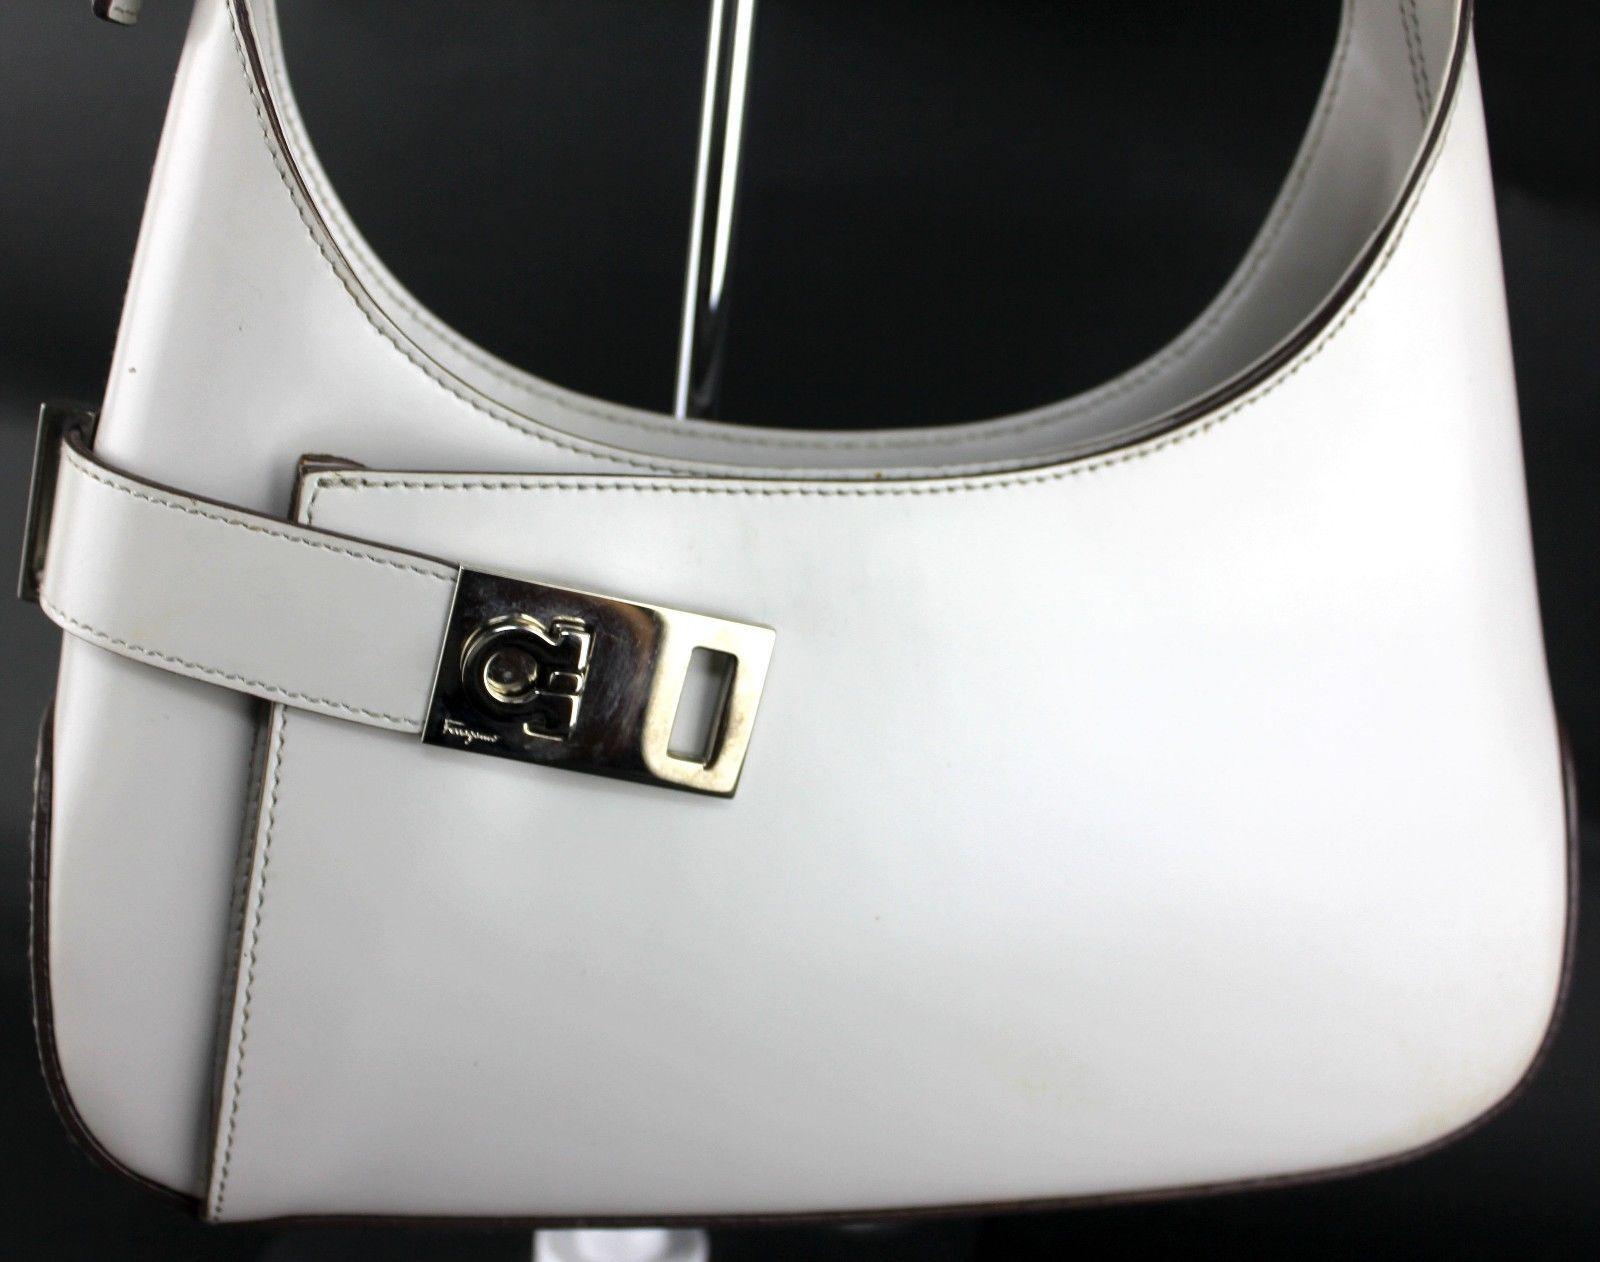 S l1600. S l1600. Previous. Auth Salvatore Ferragamo Gancini Grey leather  hobo shoulder bag Italy AQ210348 9bd701d648887